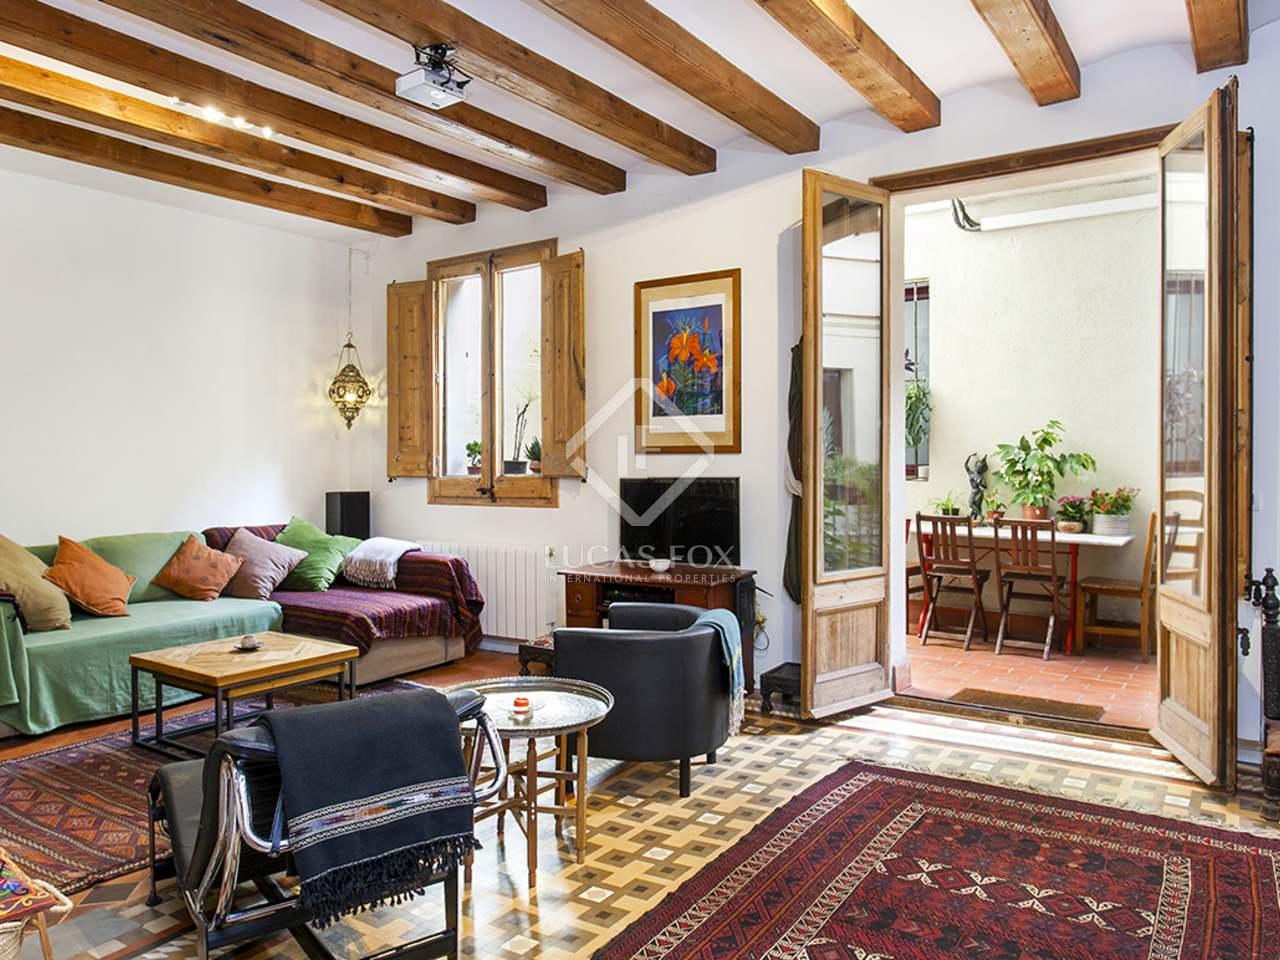 Appartement A Louer A Barcelone Avec Piscine Of Appartement De 150m A Louer El Born Avec 15m Terrasse